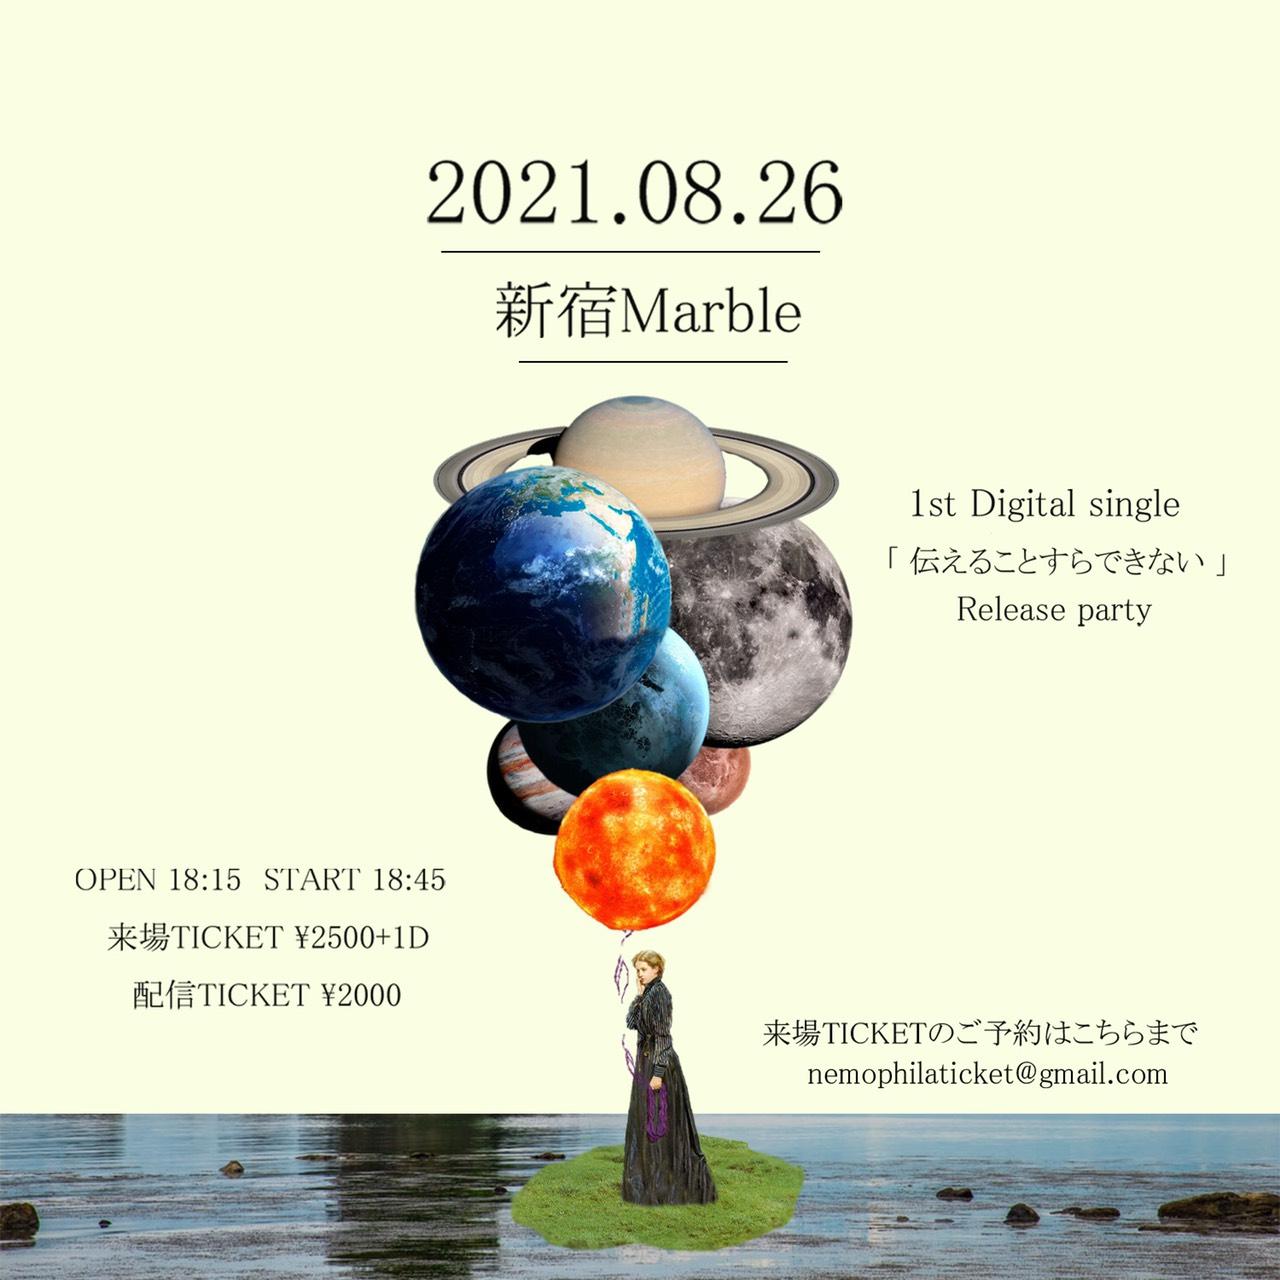 いつかのネモフィラ 1st Digital single 「伝えることすらできない」Release party